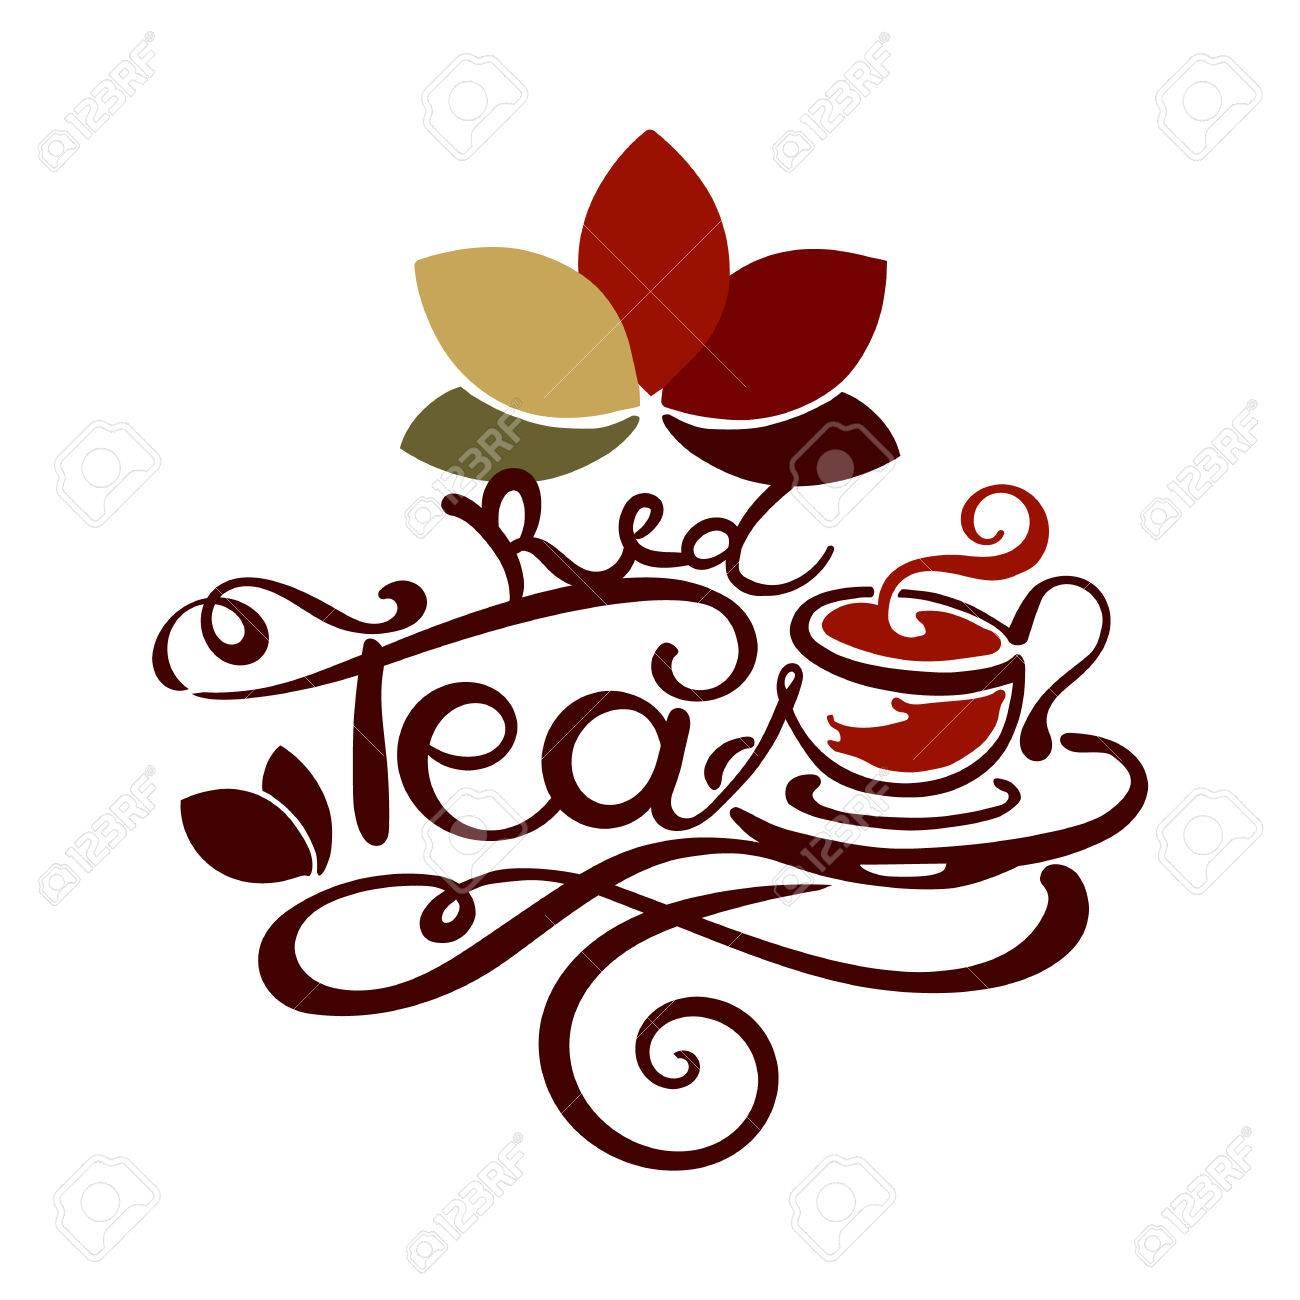 Beschriftung Roter Tee Gut Fur Etikett Logo Menudekoration